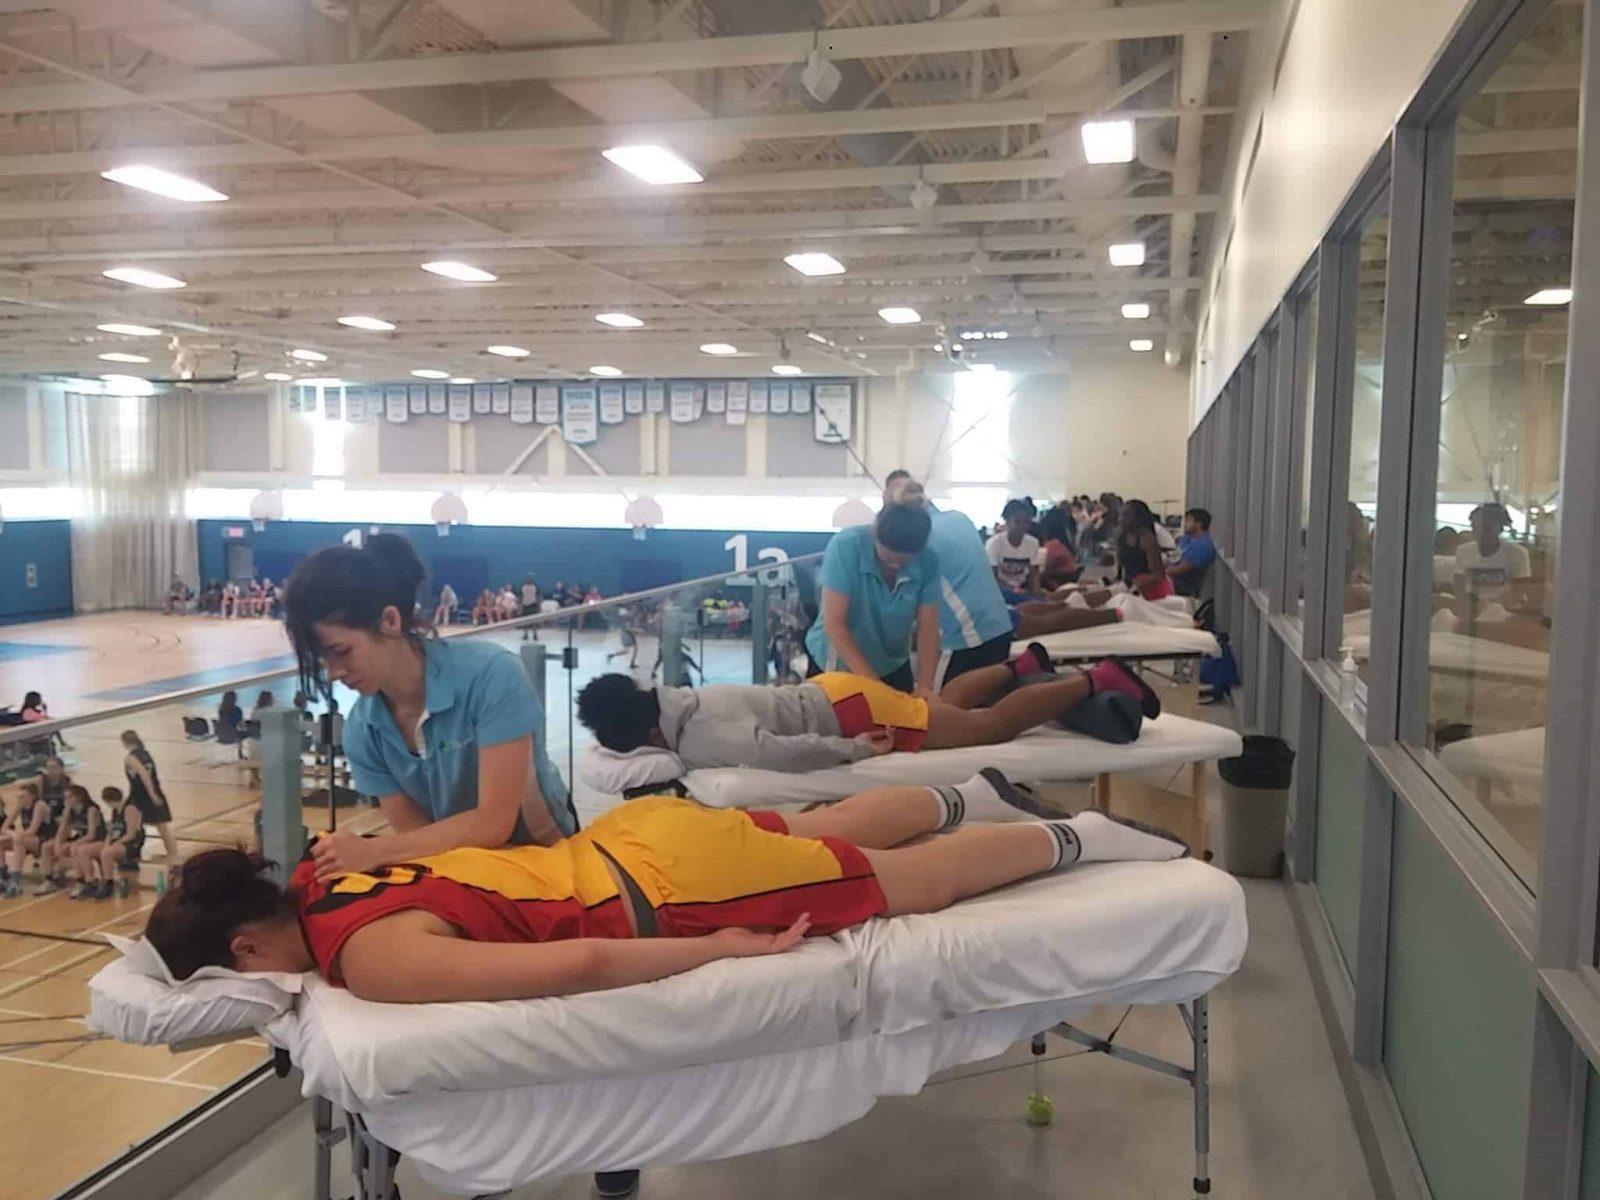 des bienfaits du massage dans le monde entier